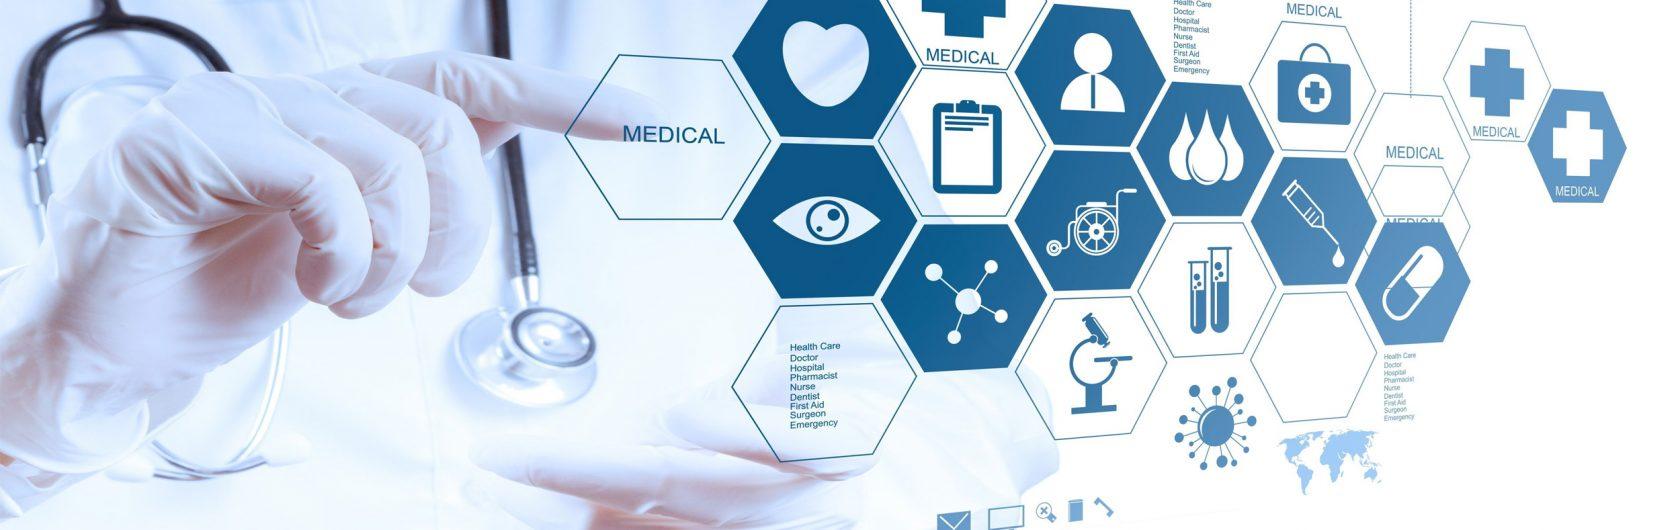 medical_main_page